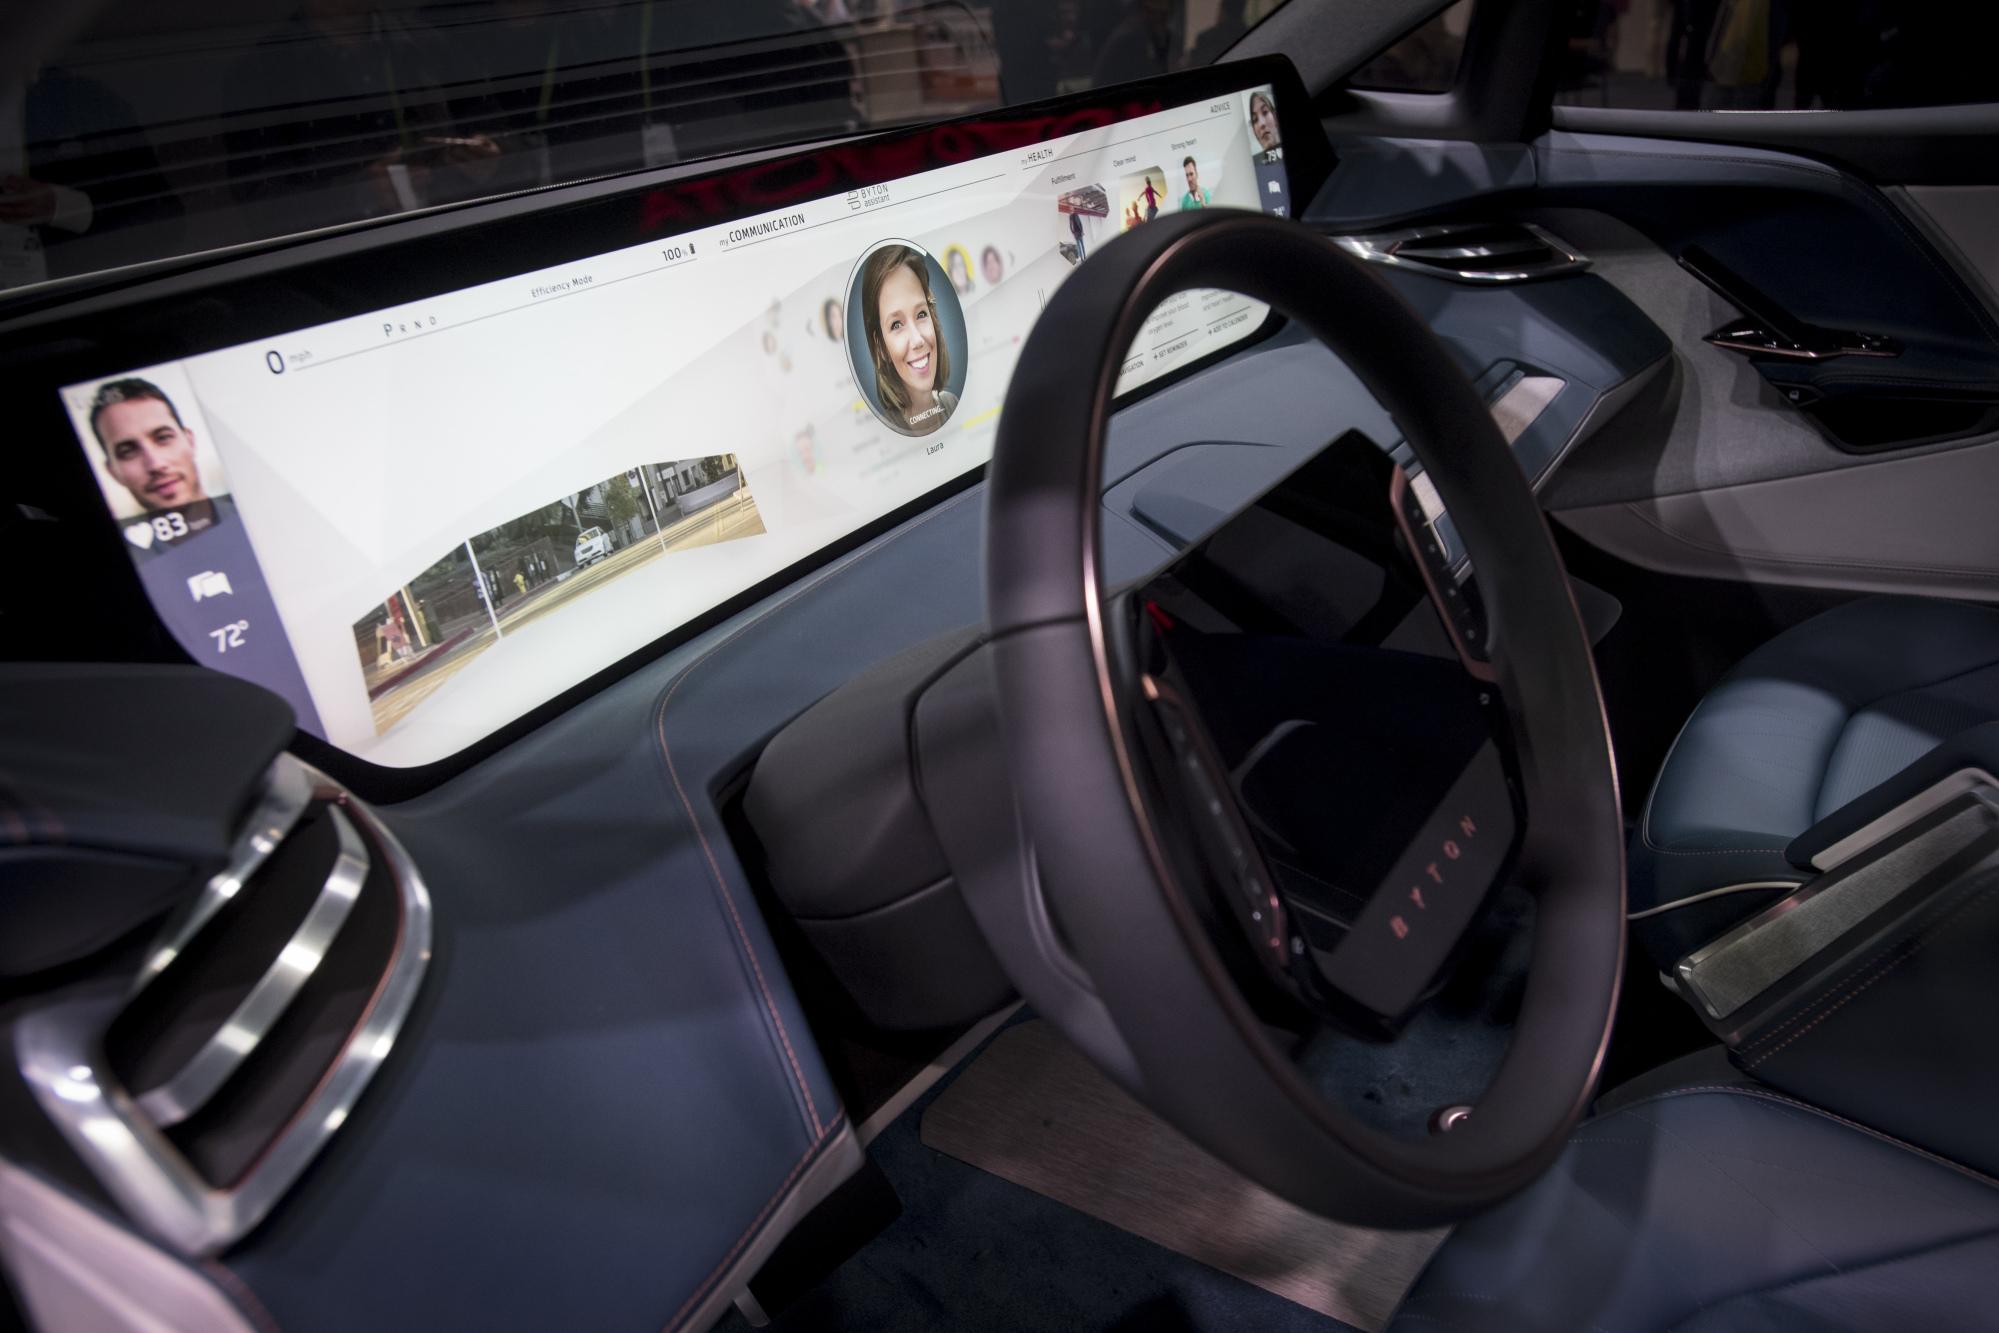 chinese electric car startup byton hires former goldman banker. Black Bedroom Furniture Sets. Home Design Ideas